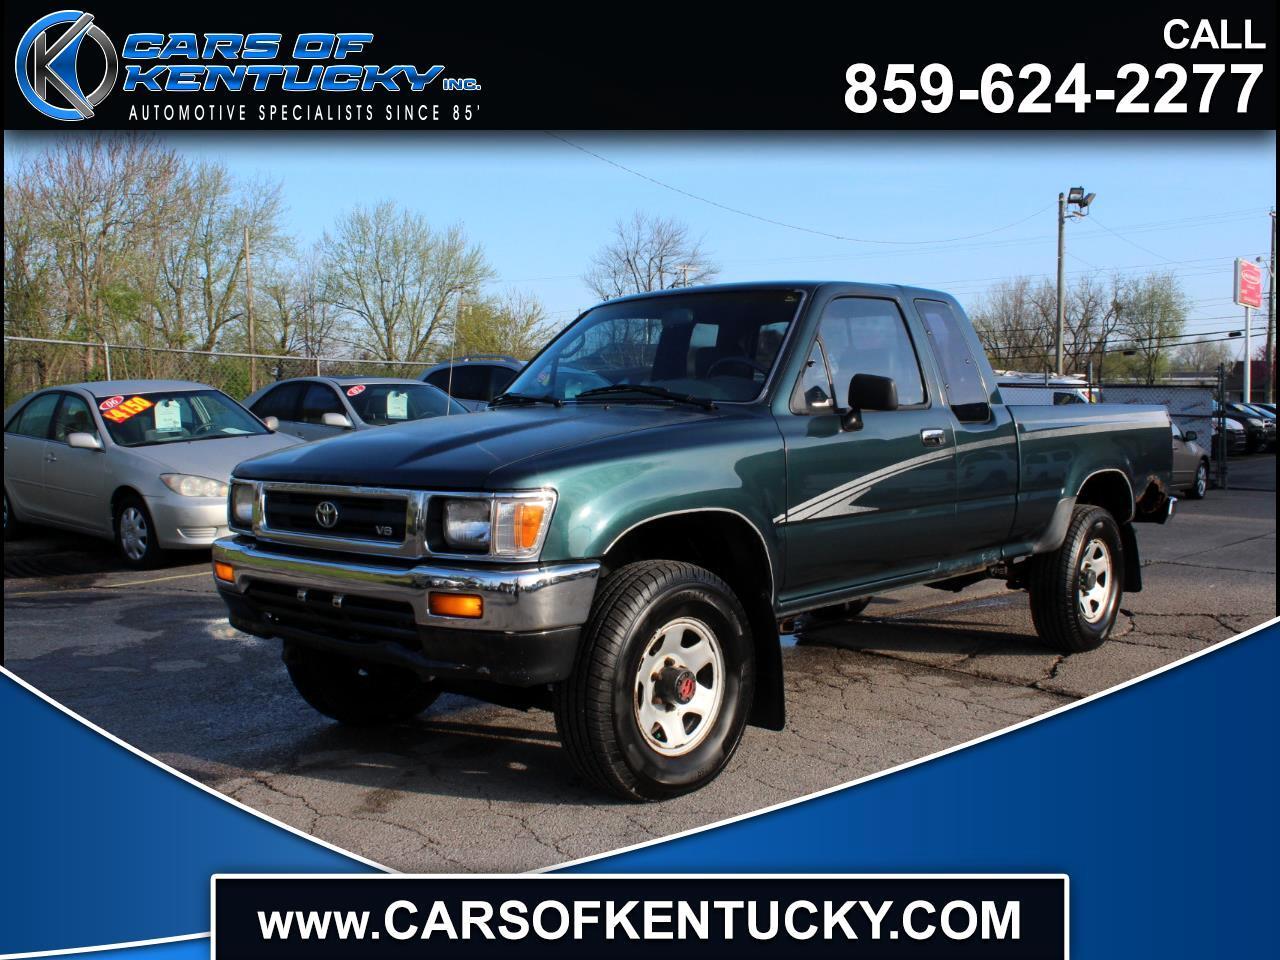 1994 Toyota Pickup DX V6 Xtracab 4WD